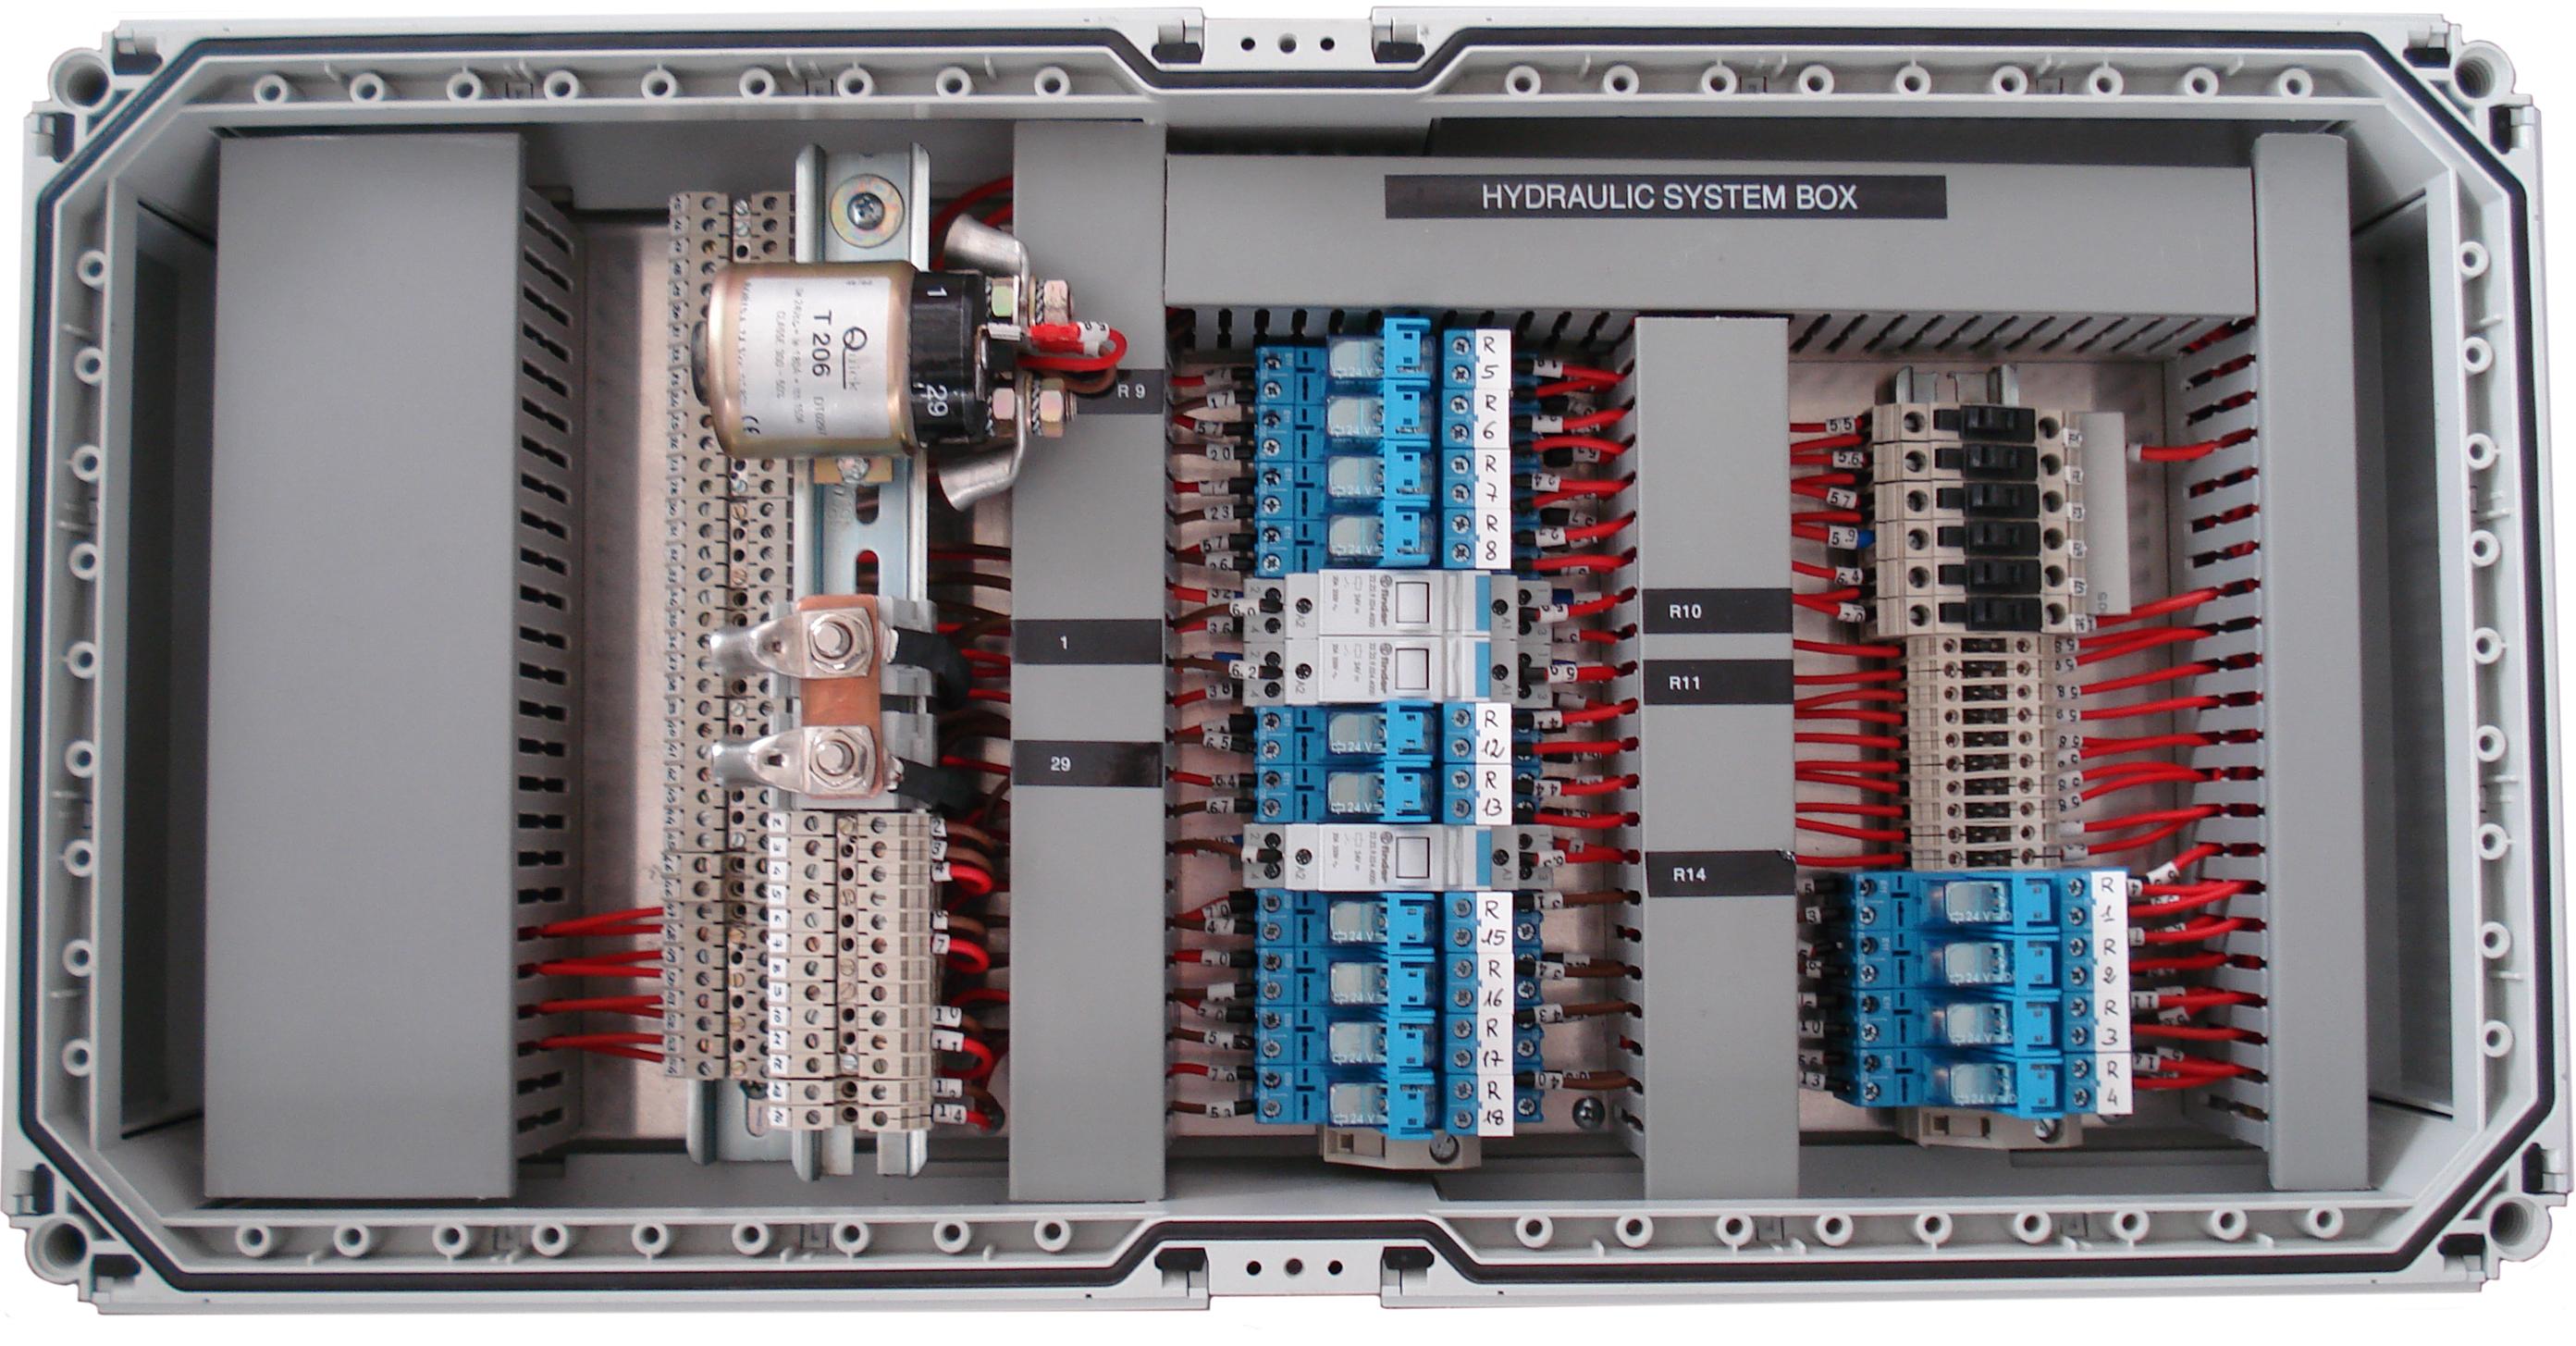 hydraulic system box